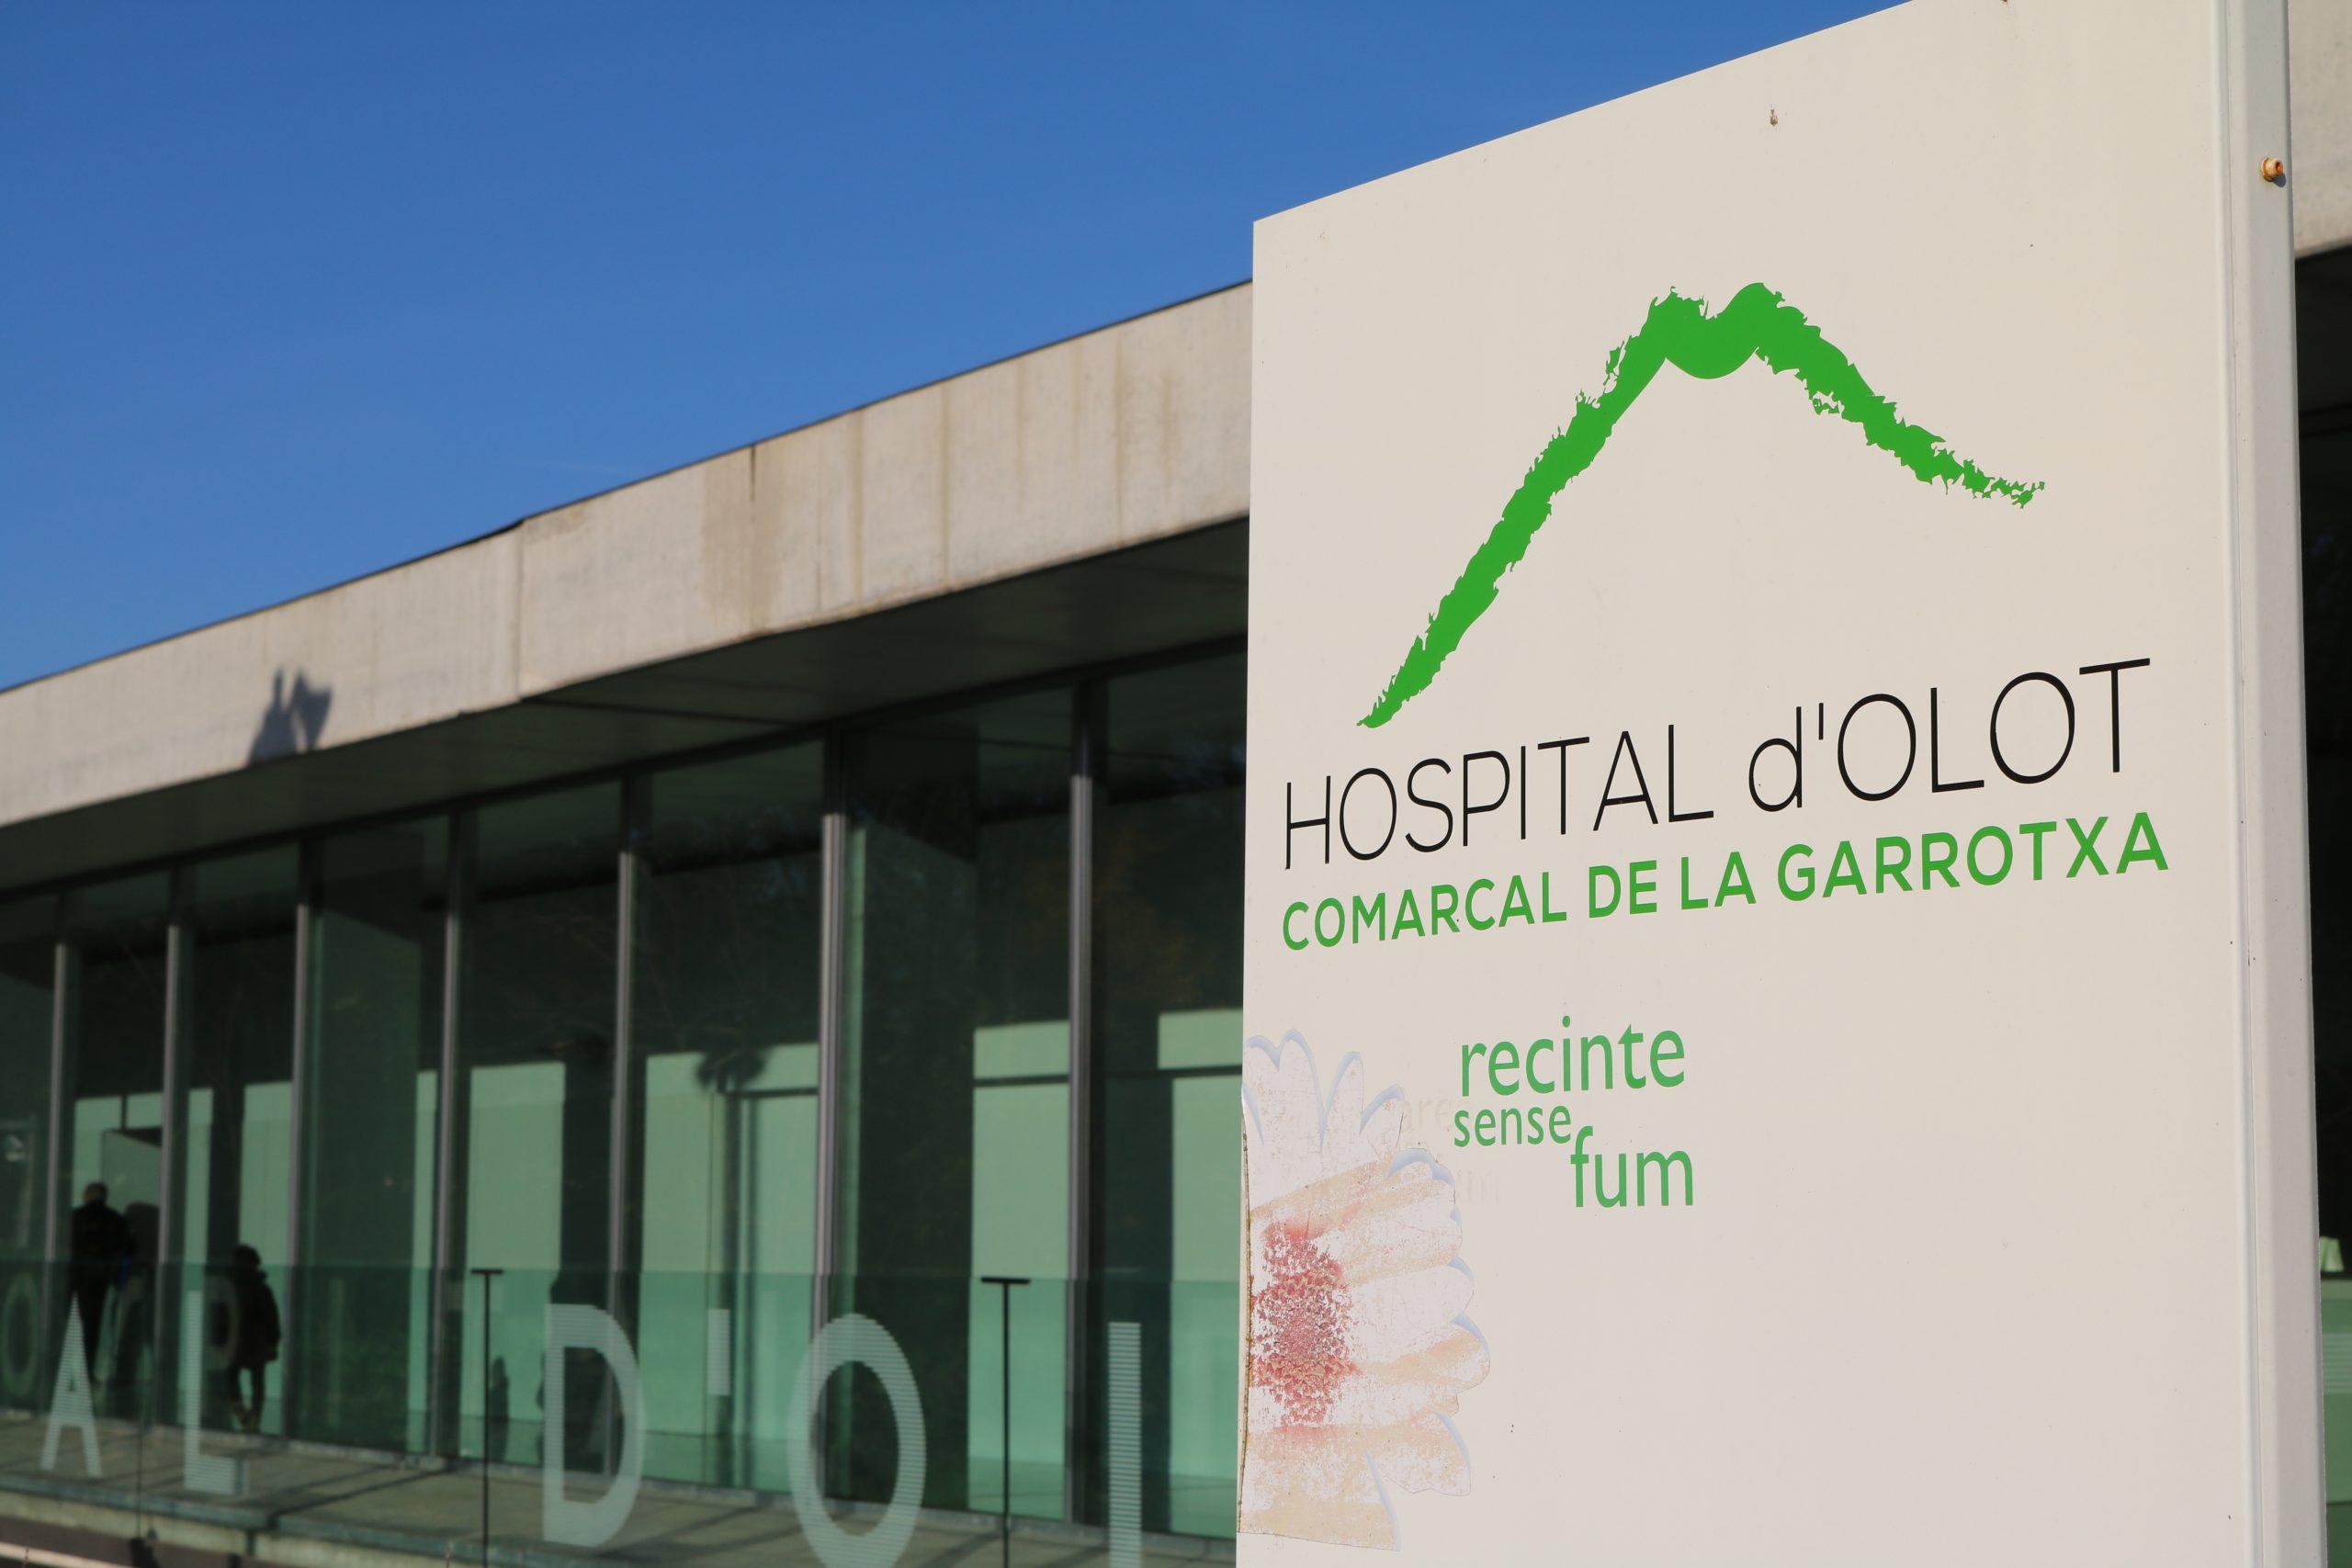 Cinc anys de l'Hospital d'Olot: què ha canviat i què canviarà?